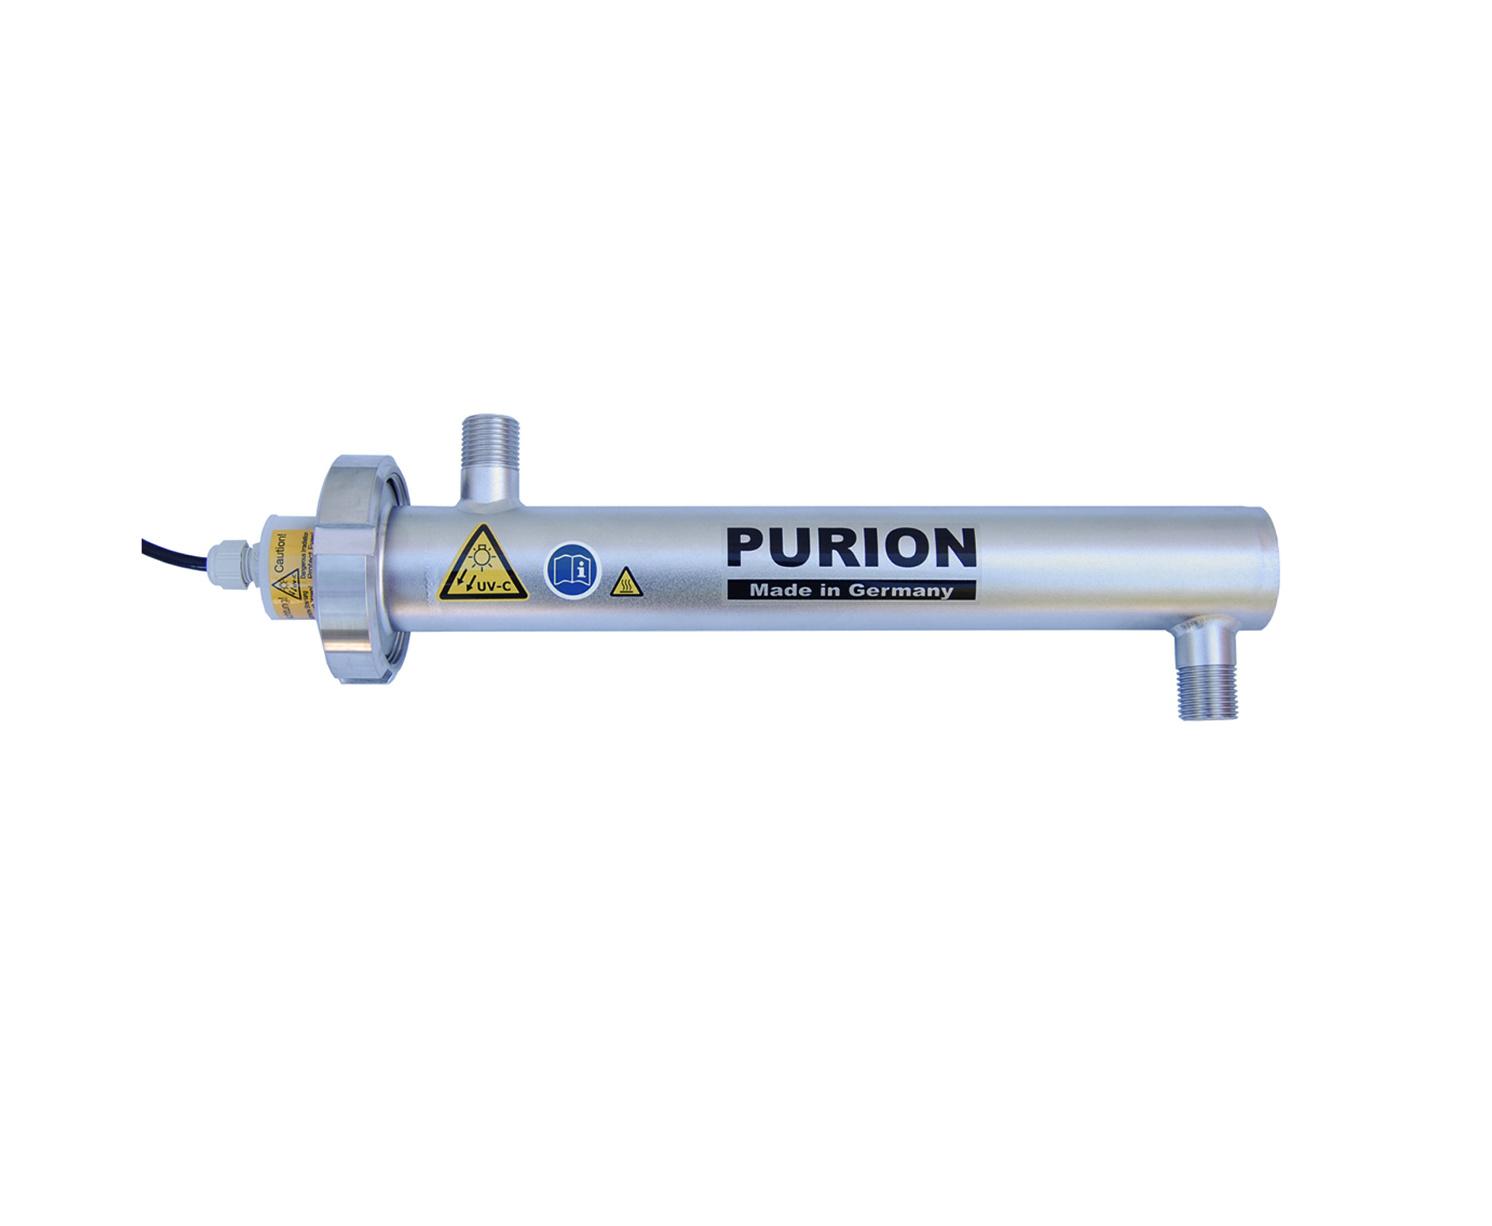 Purion Sichere Entkeimung von Trinkwasser